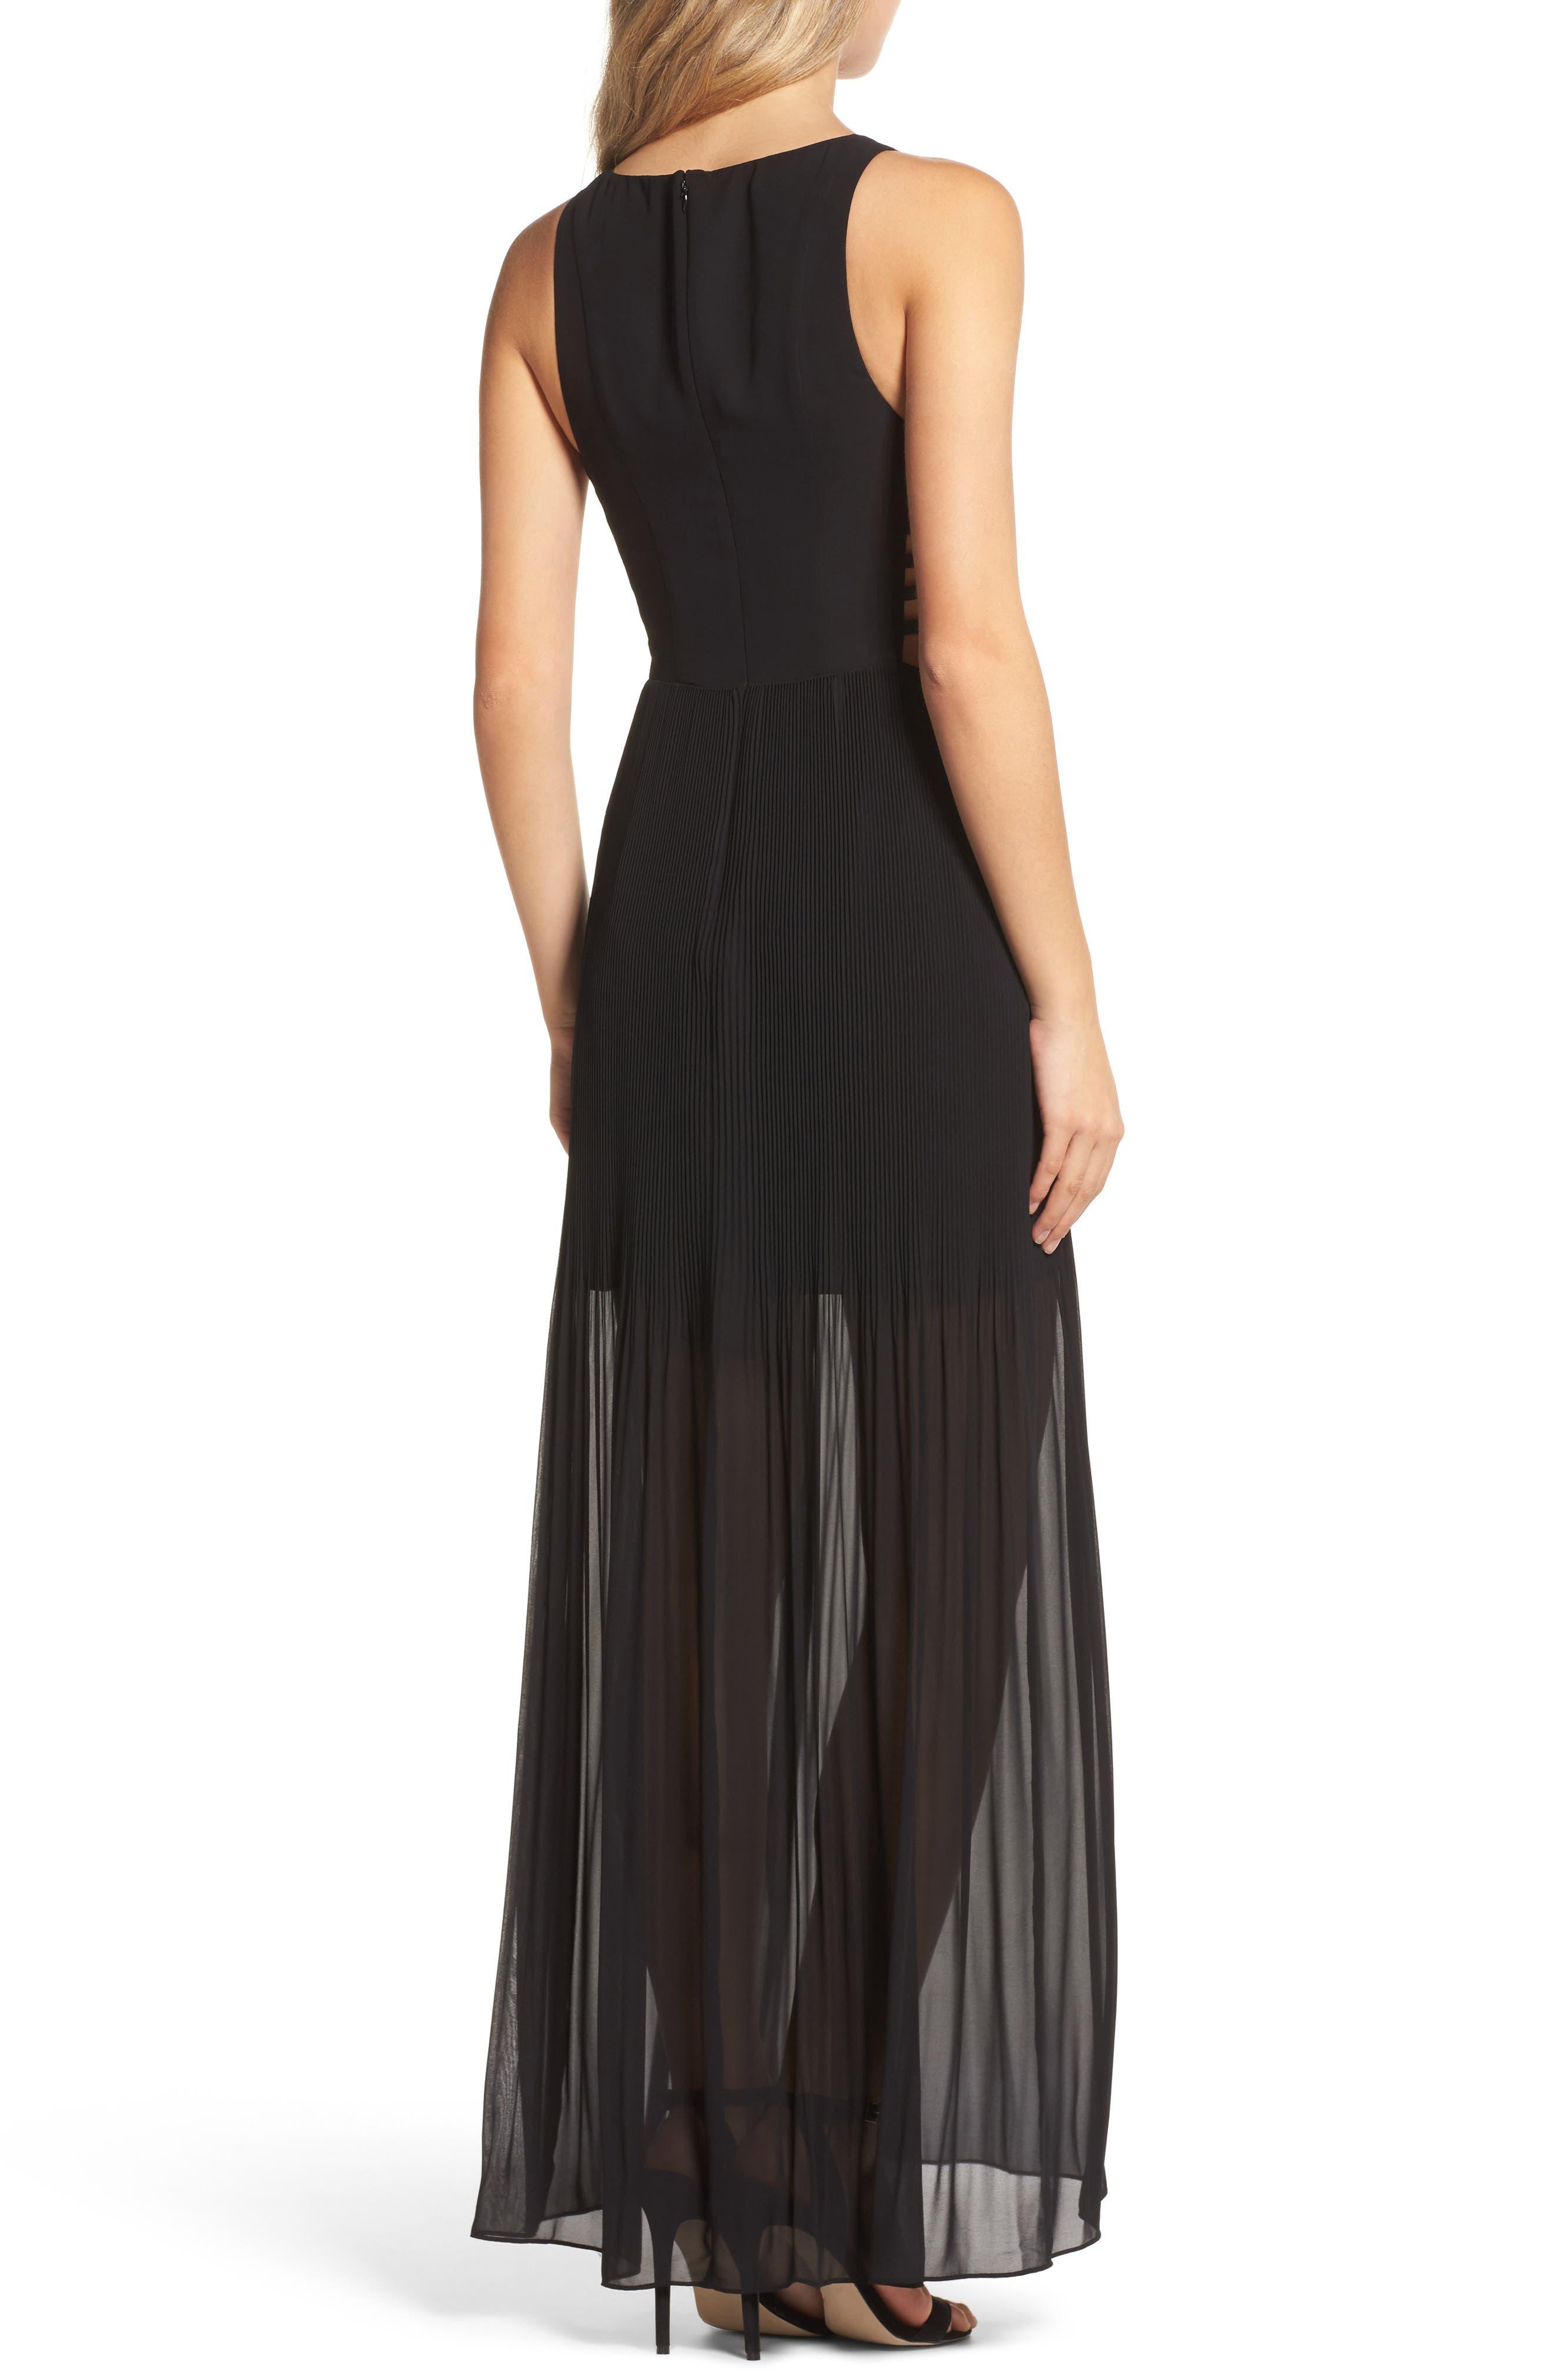 Sunset Blvd Maxi Dress,                             Alternate thumbnail 2, color,                             001